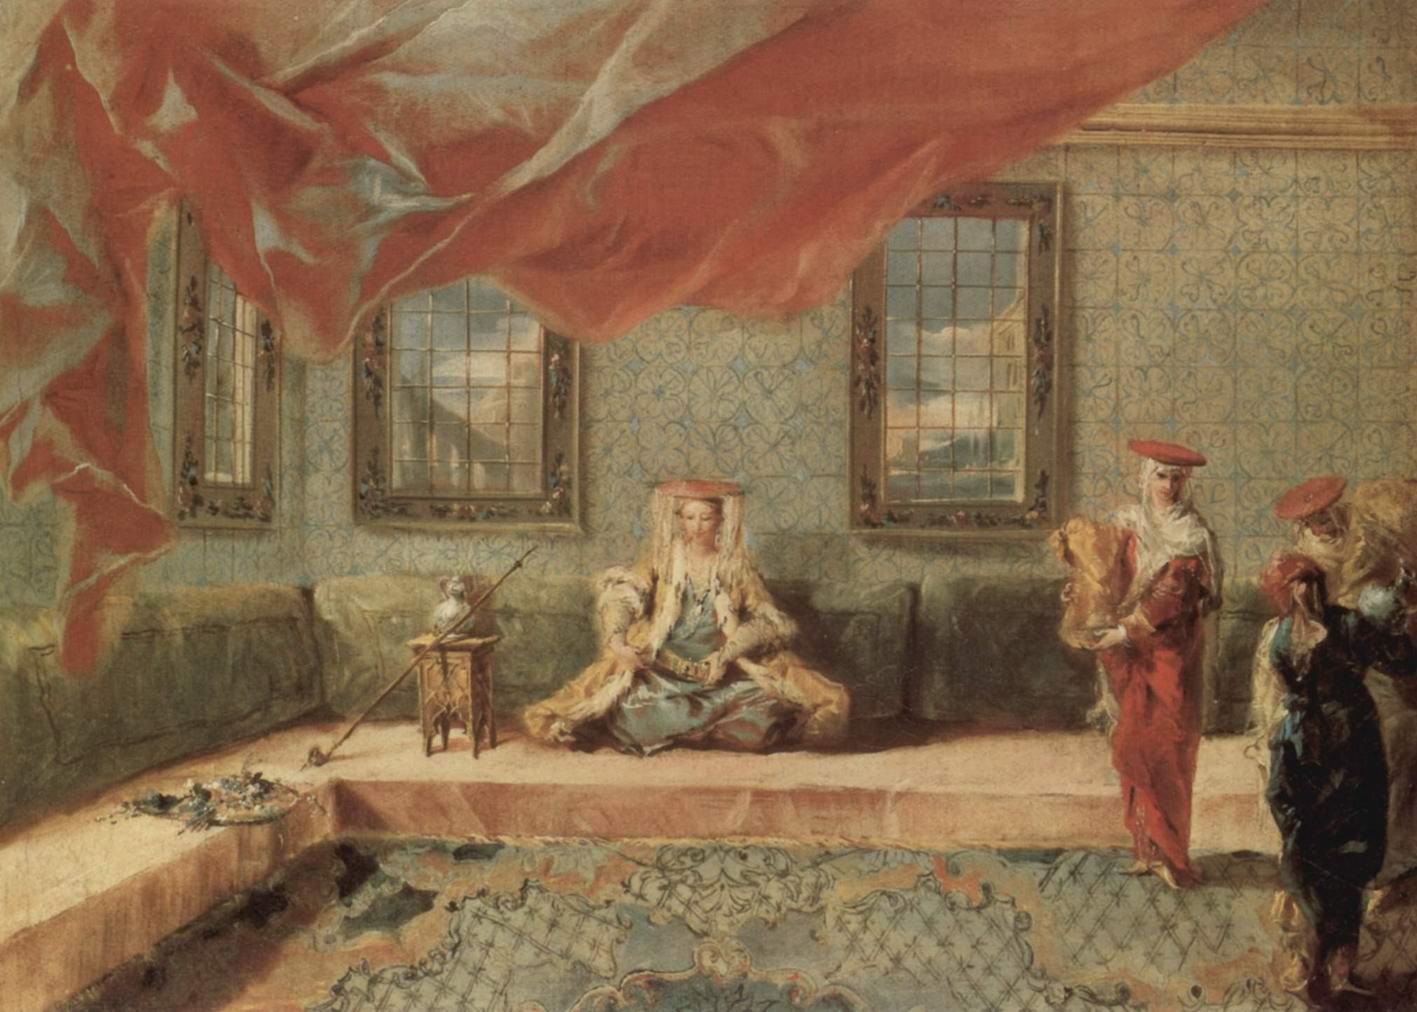 Сцена в гареме, Джованни Антонио Гварди